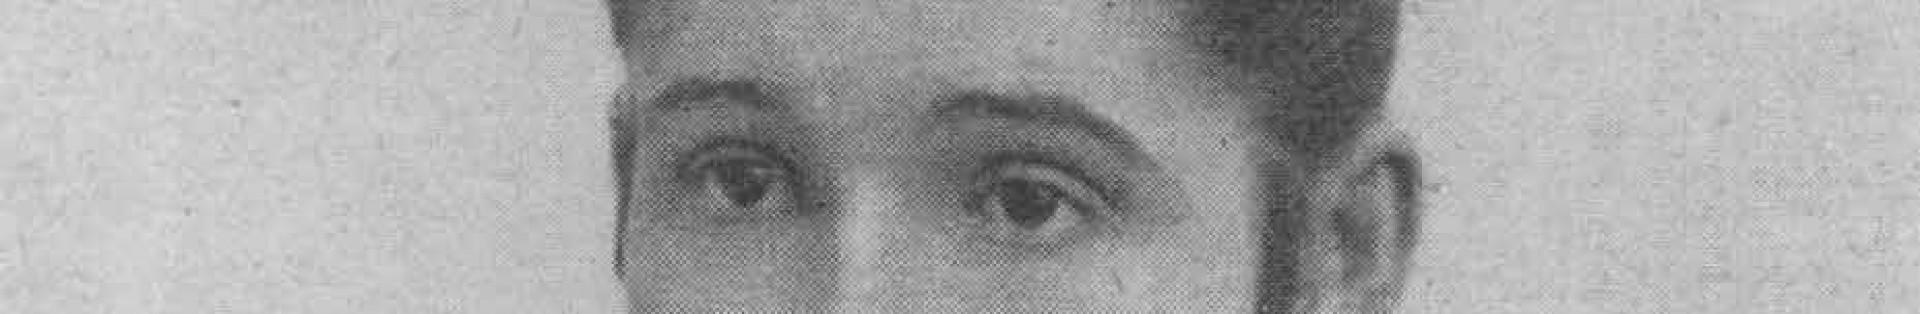 OLGA BOZNAŃSKA - HELENA BLUMÓWNA 1949 R. - CZĘŚĆ II